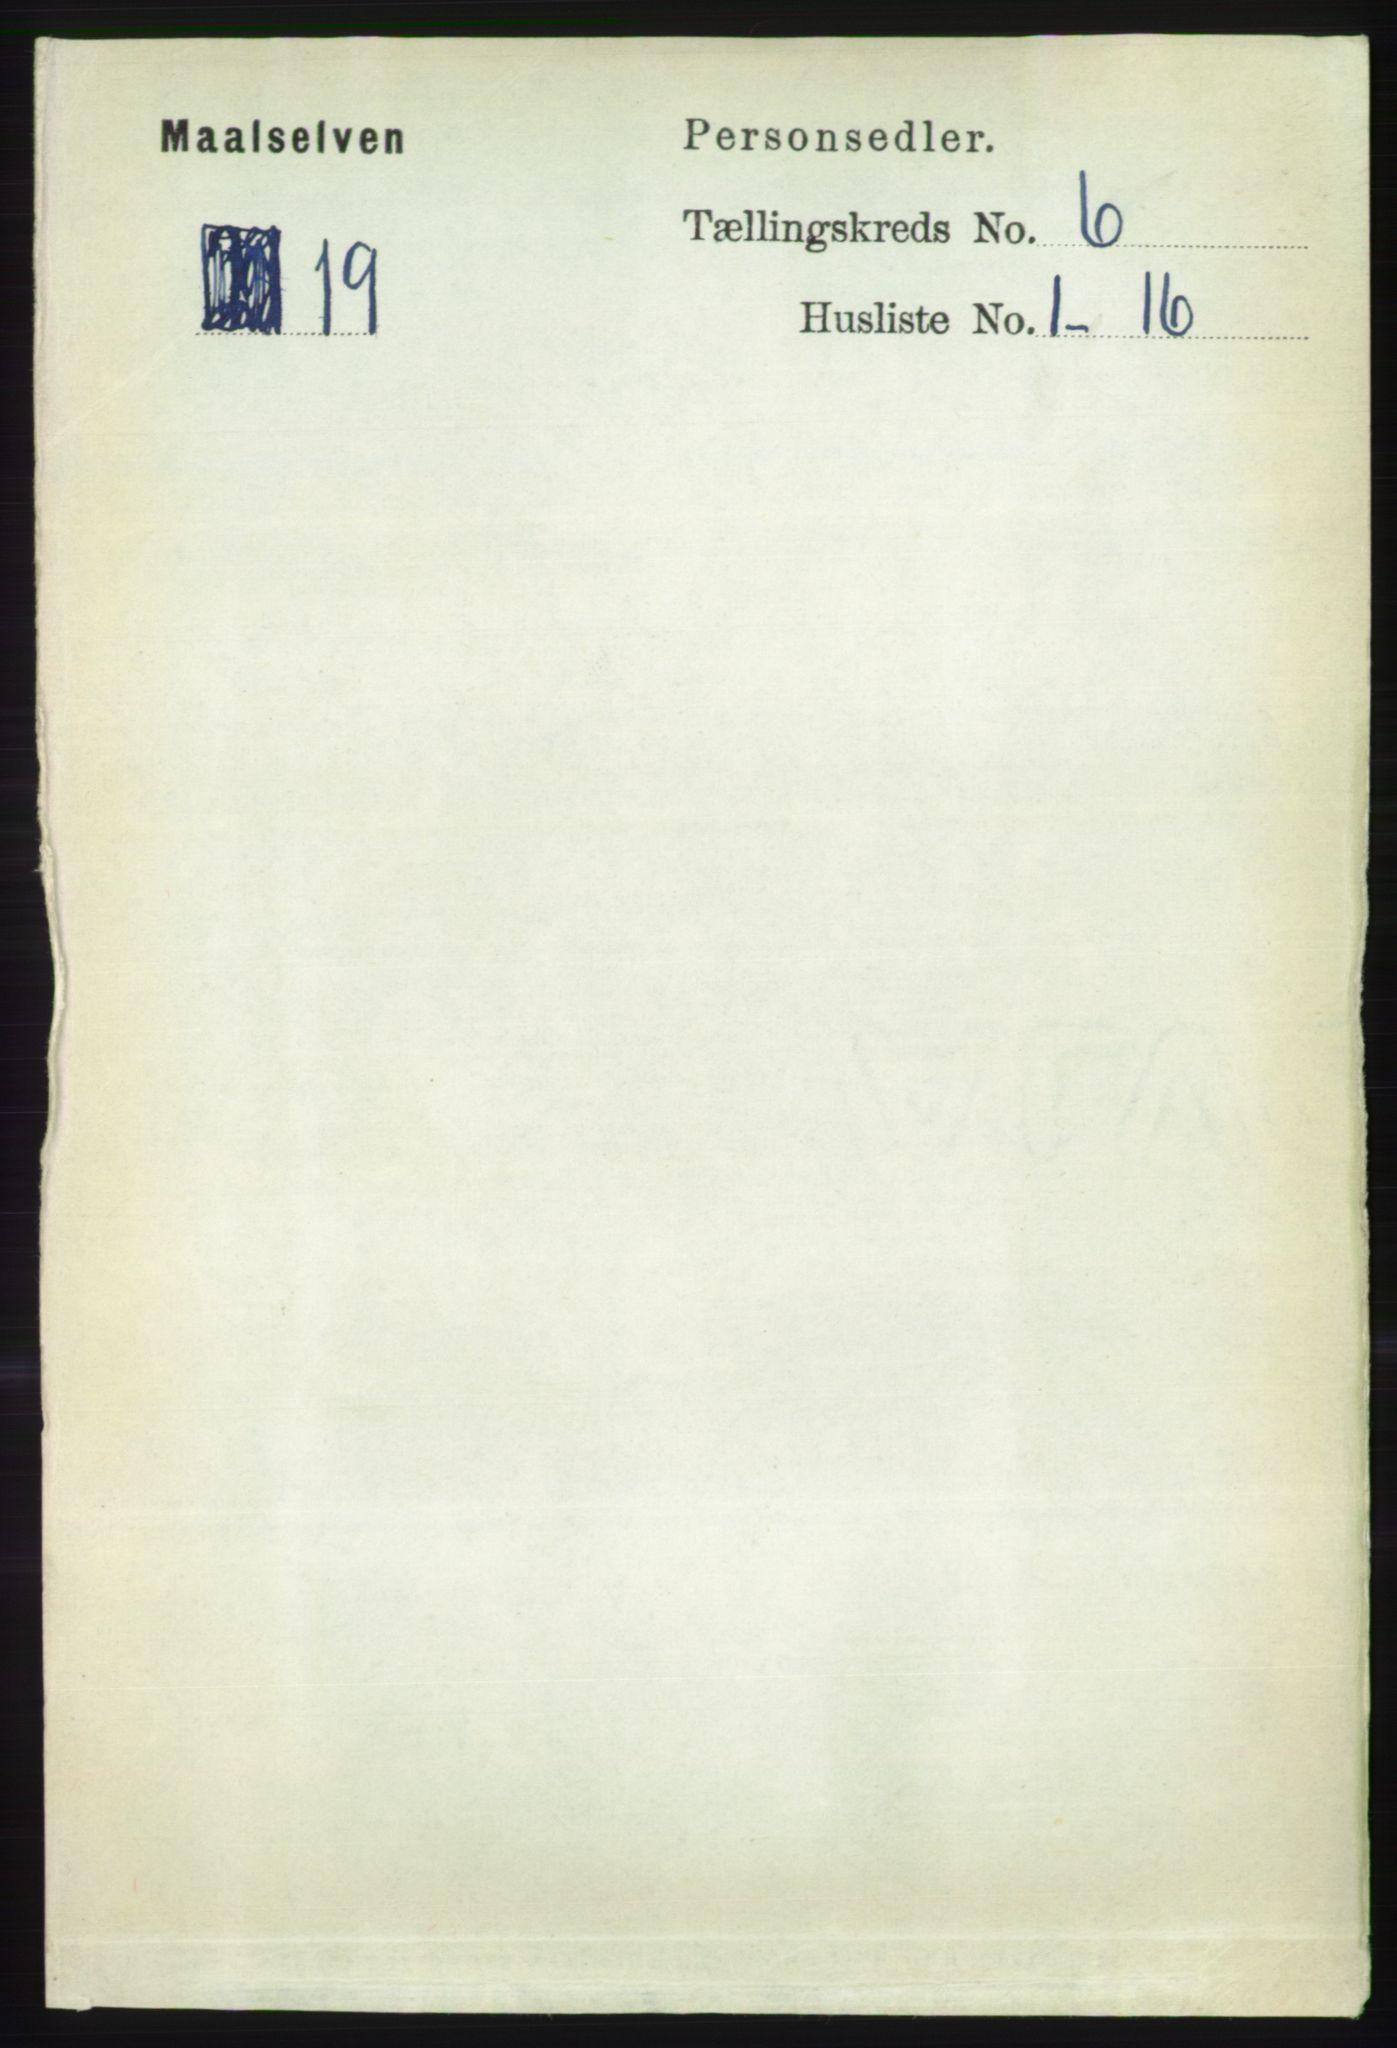 RA, Folketelling 1891 for 1924 Målselv herred, 1891, s. 2033